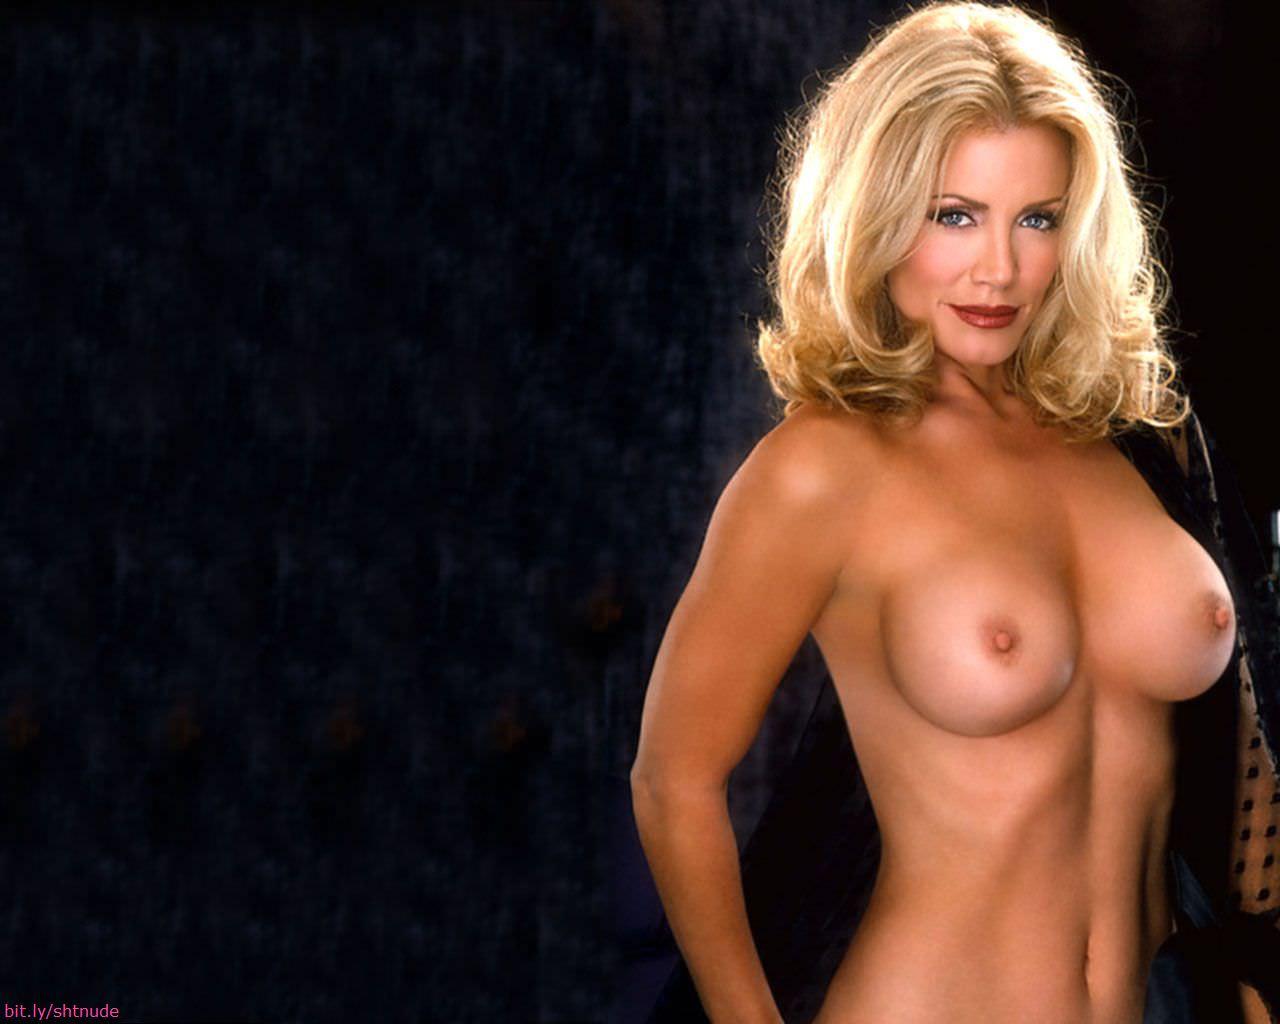 Igényes szexvideók ingyen. - Free sex videos, pon movies with famous porn stars.